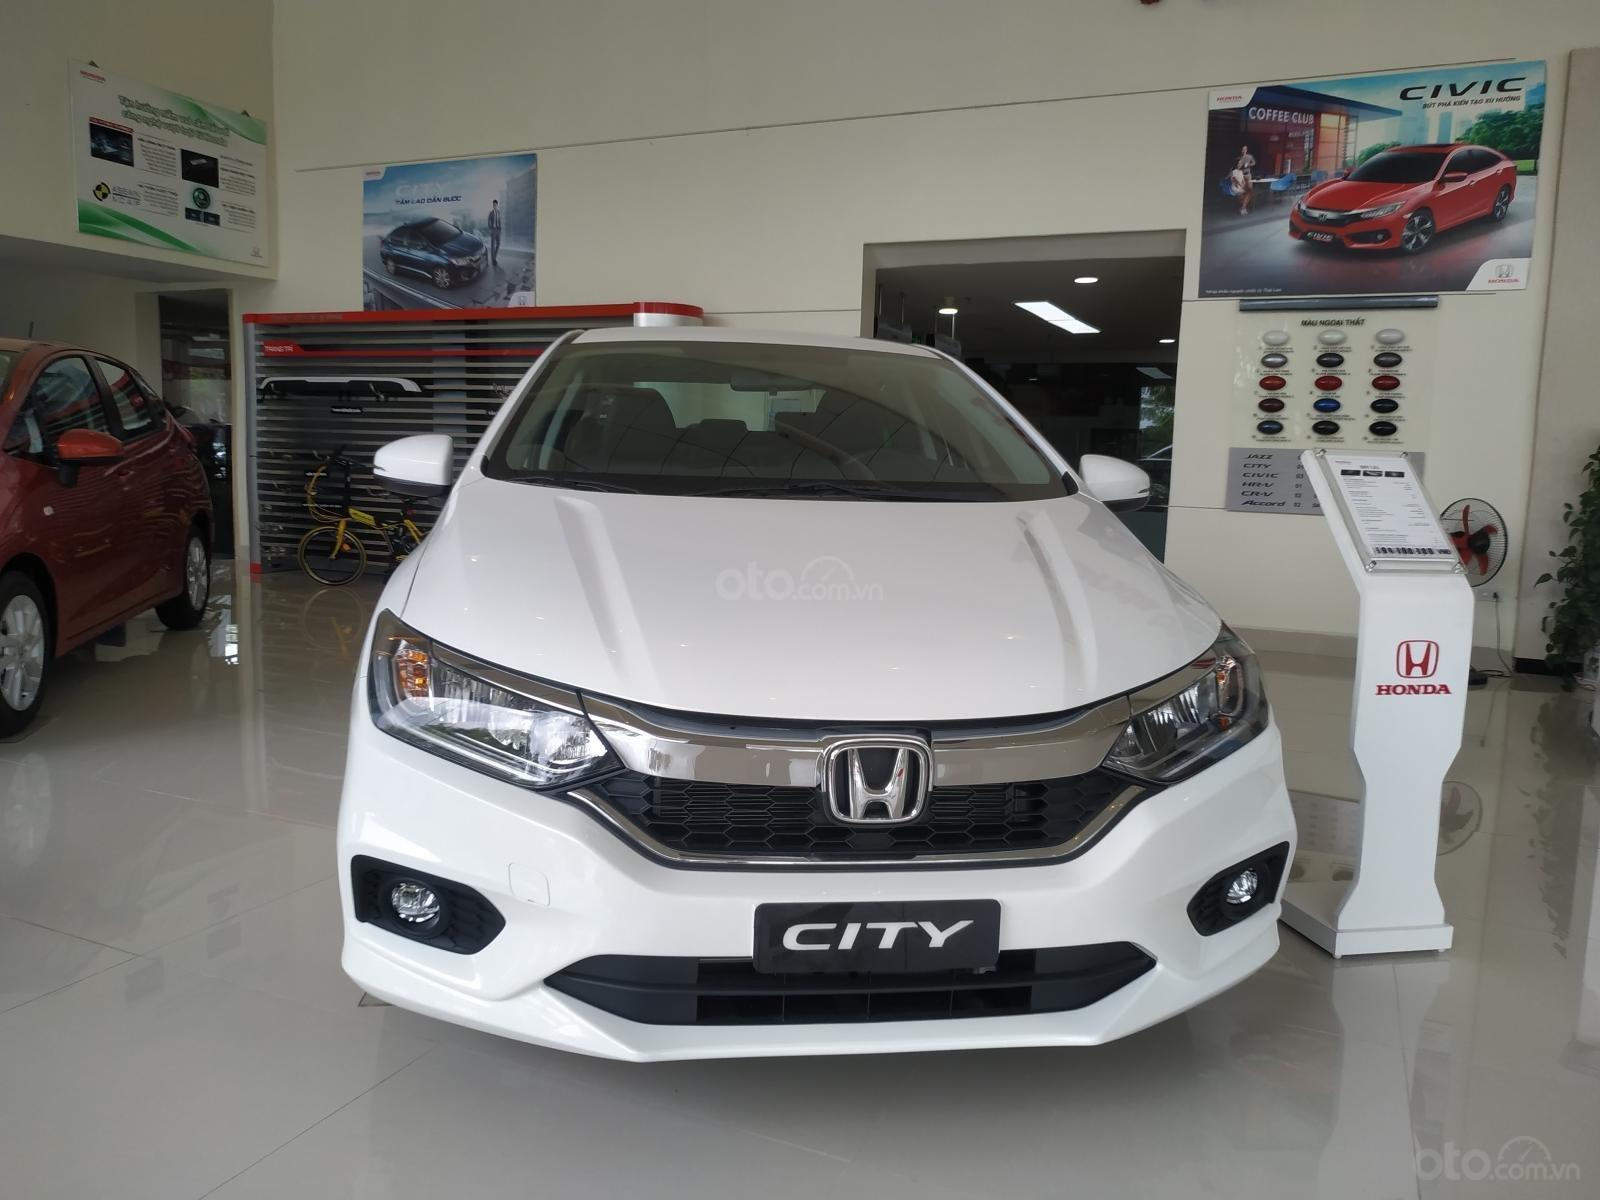 Khuyễn mãi khủng giá tốt nhất thị trường cho Honda City V-CVT và Top-CVT. Liên Hệ : Mr.Long - 0904161831-1